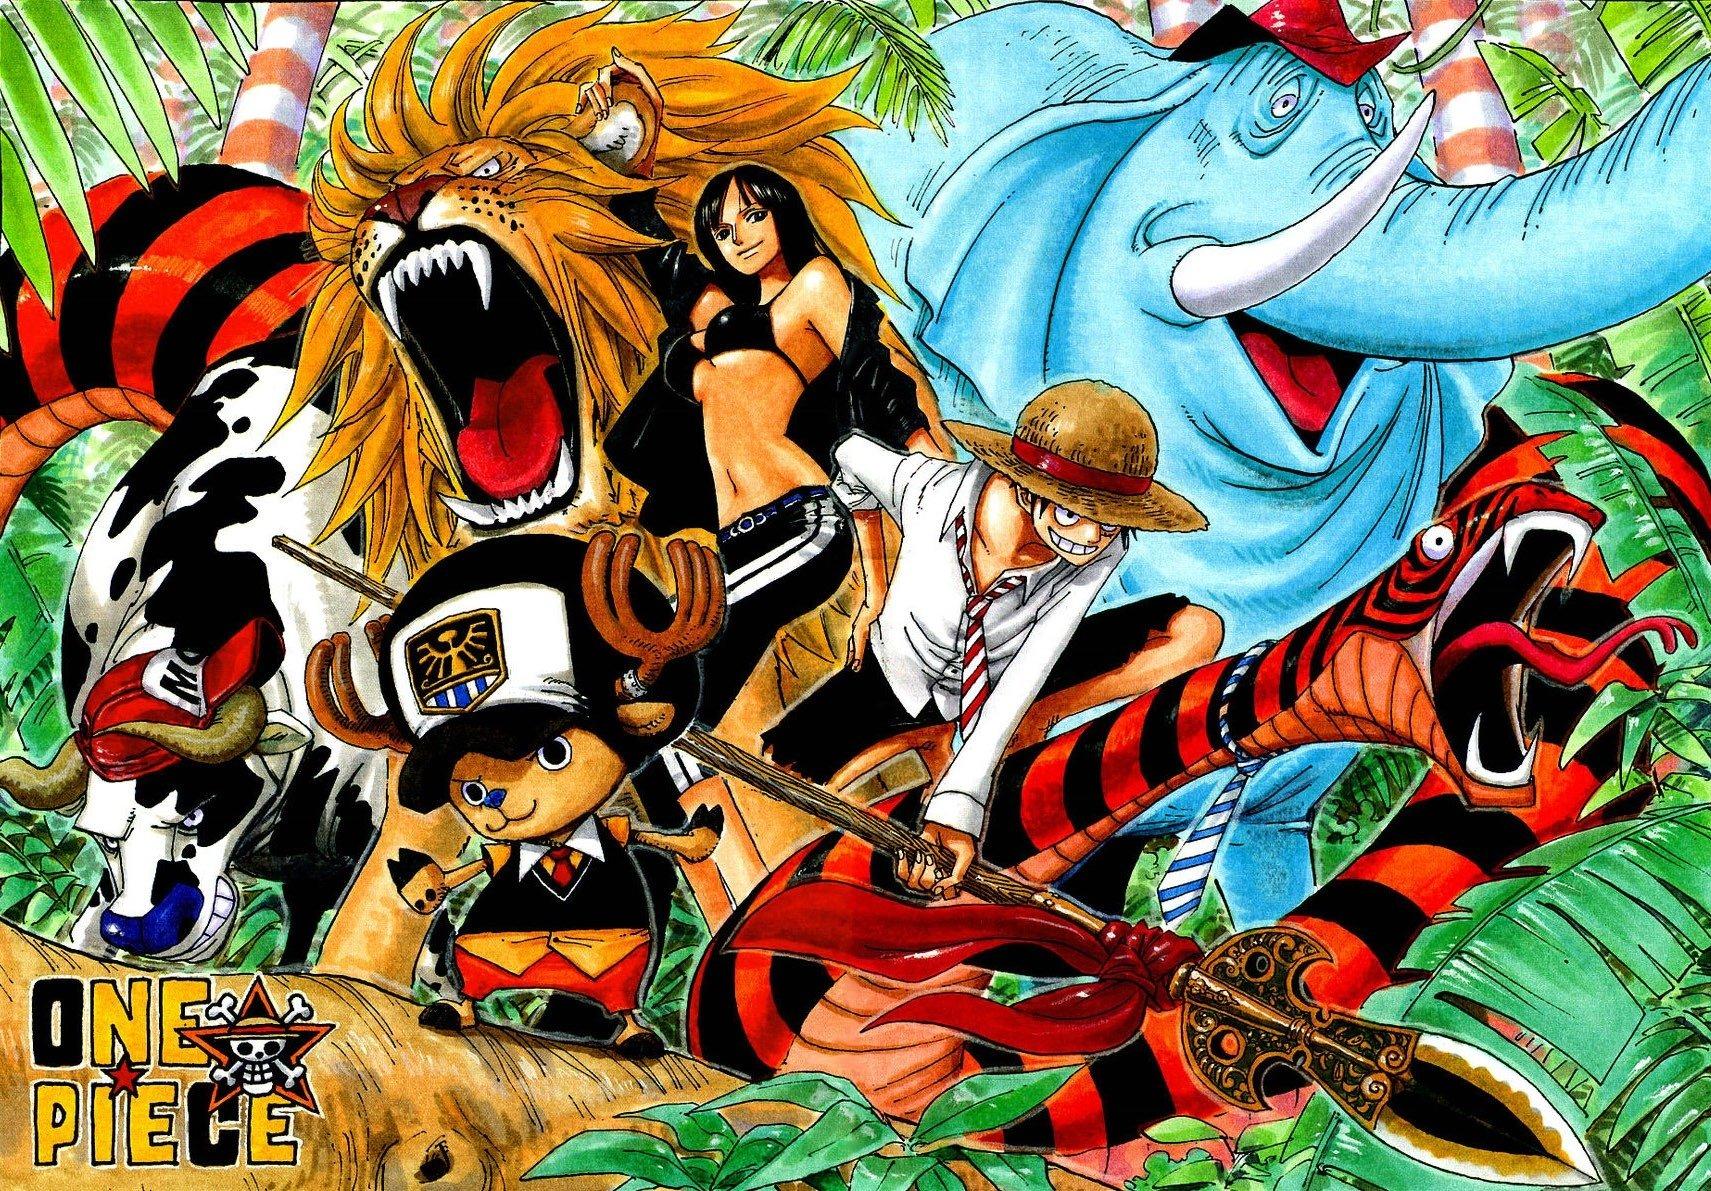 One Piece Fond d'écran and Arrière-Plan | 1711x1191 | ID:218773